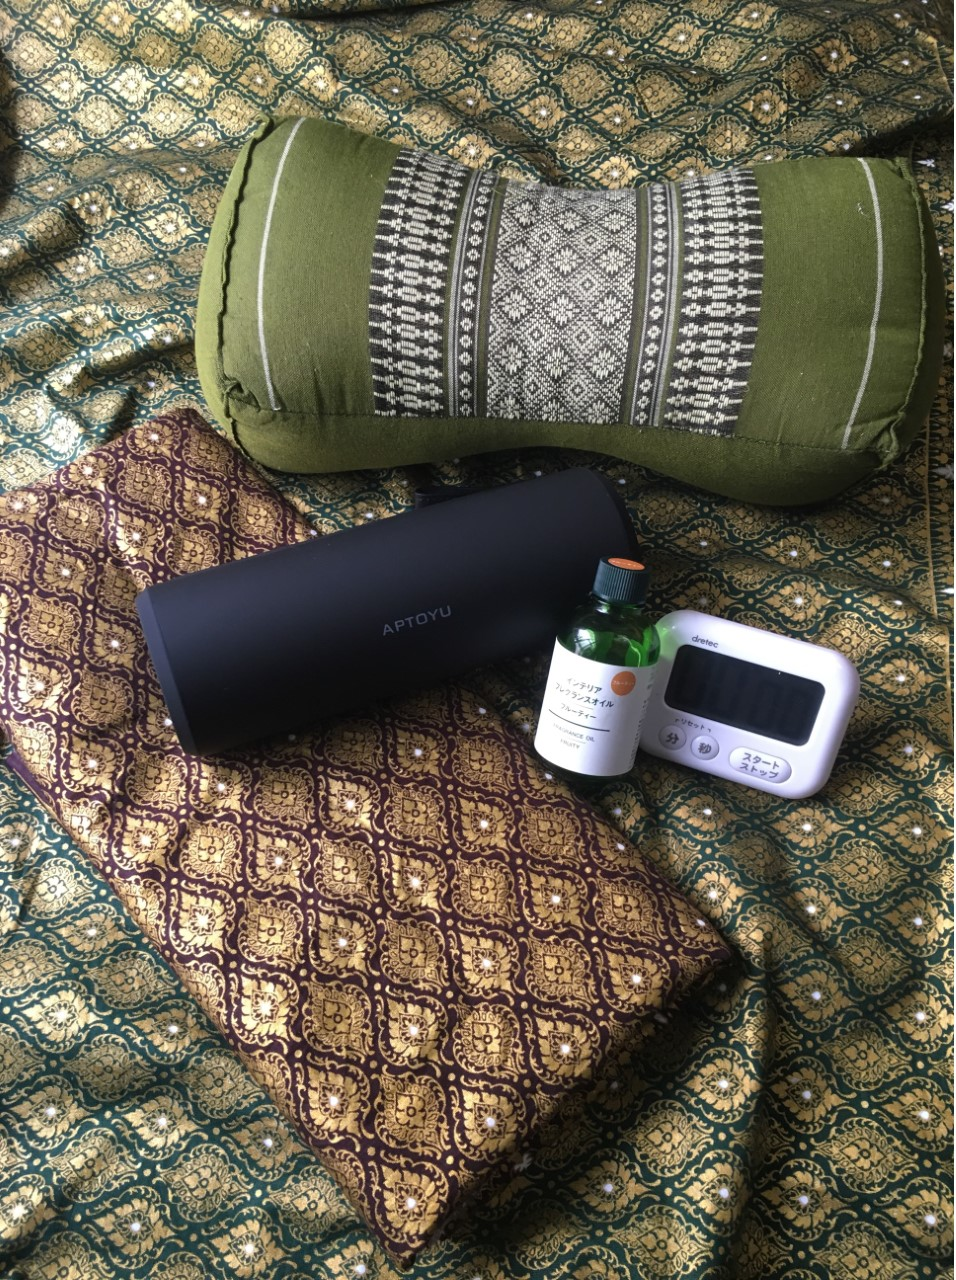 タイの枕やタオルなどはこちらでご用意できます